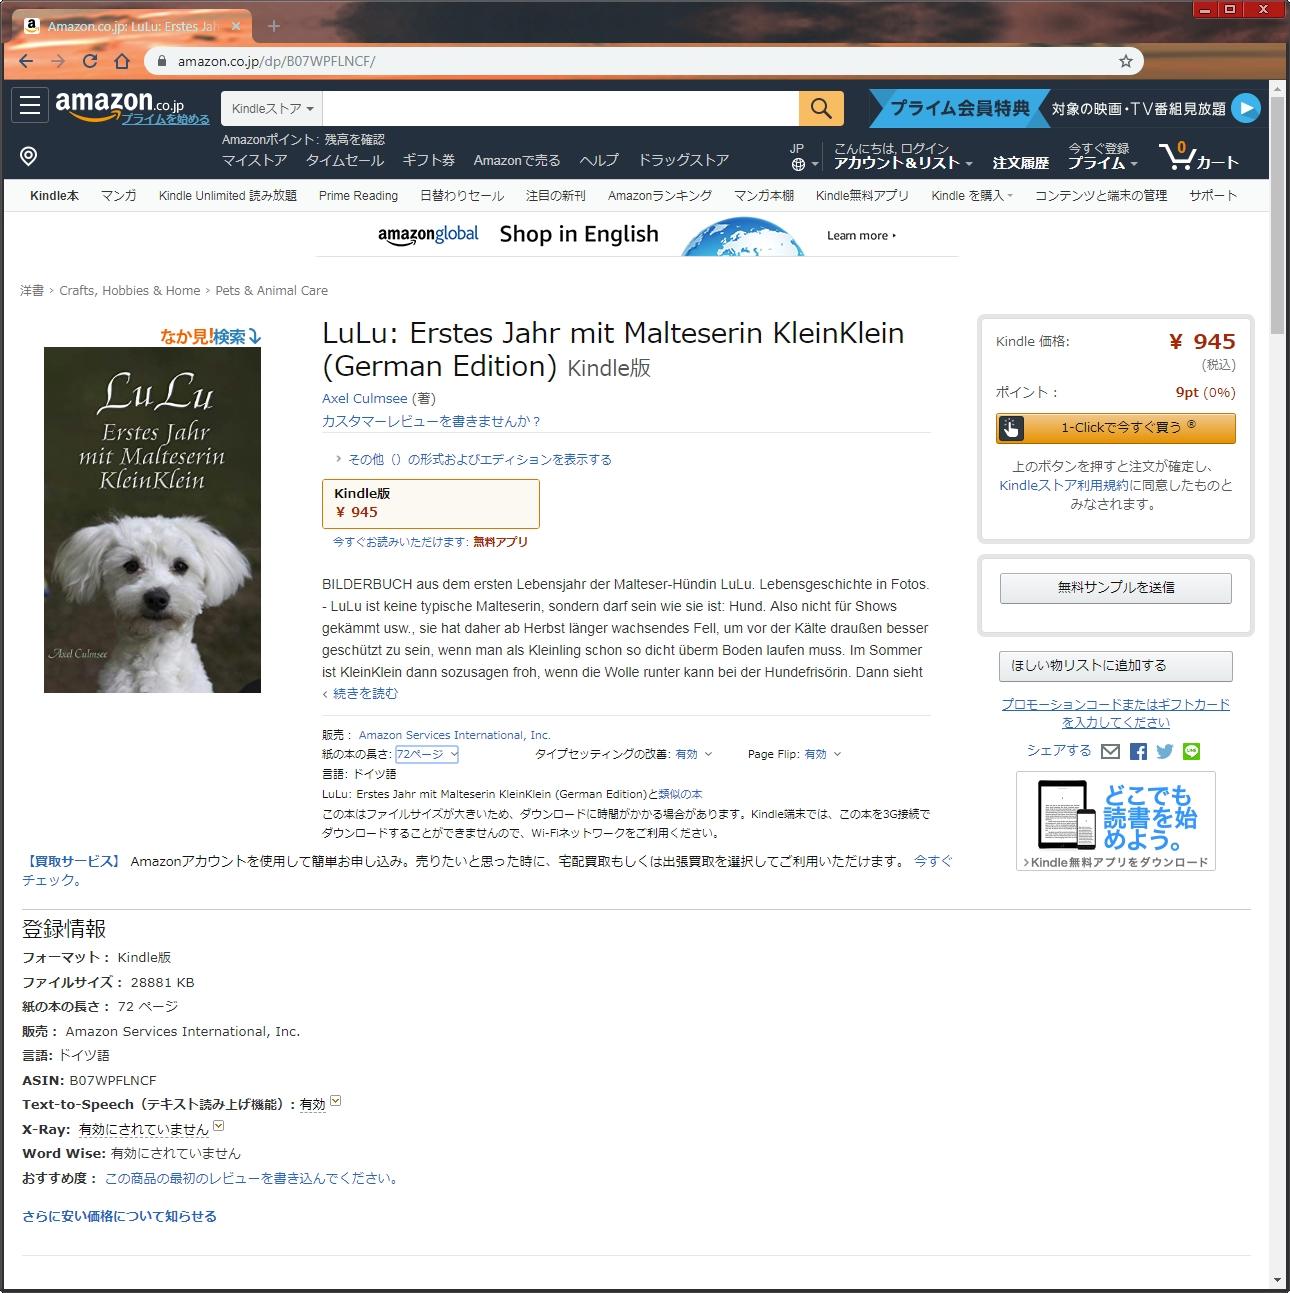 Amazon eBook Produktseite Japan von Axel Culmsee LuLu Erstes Jahr mit Malteserin KleinKlein